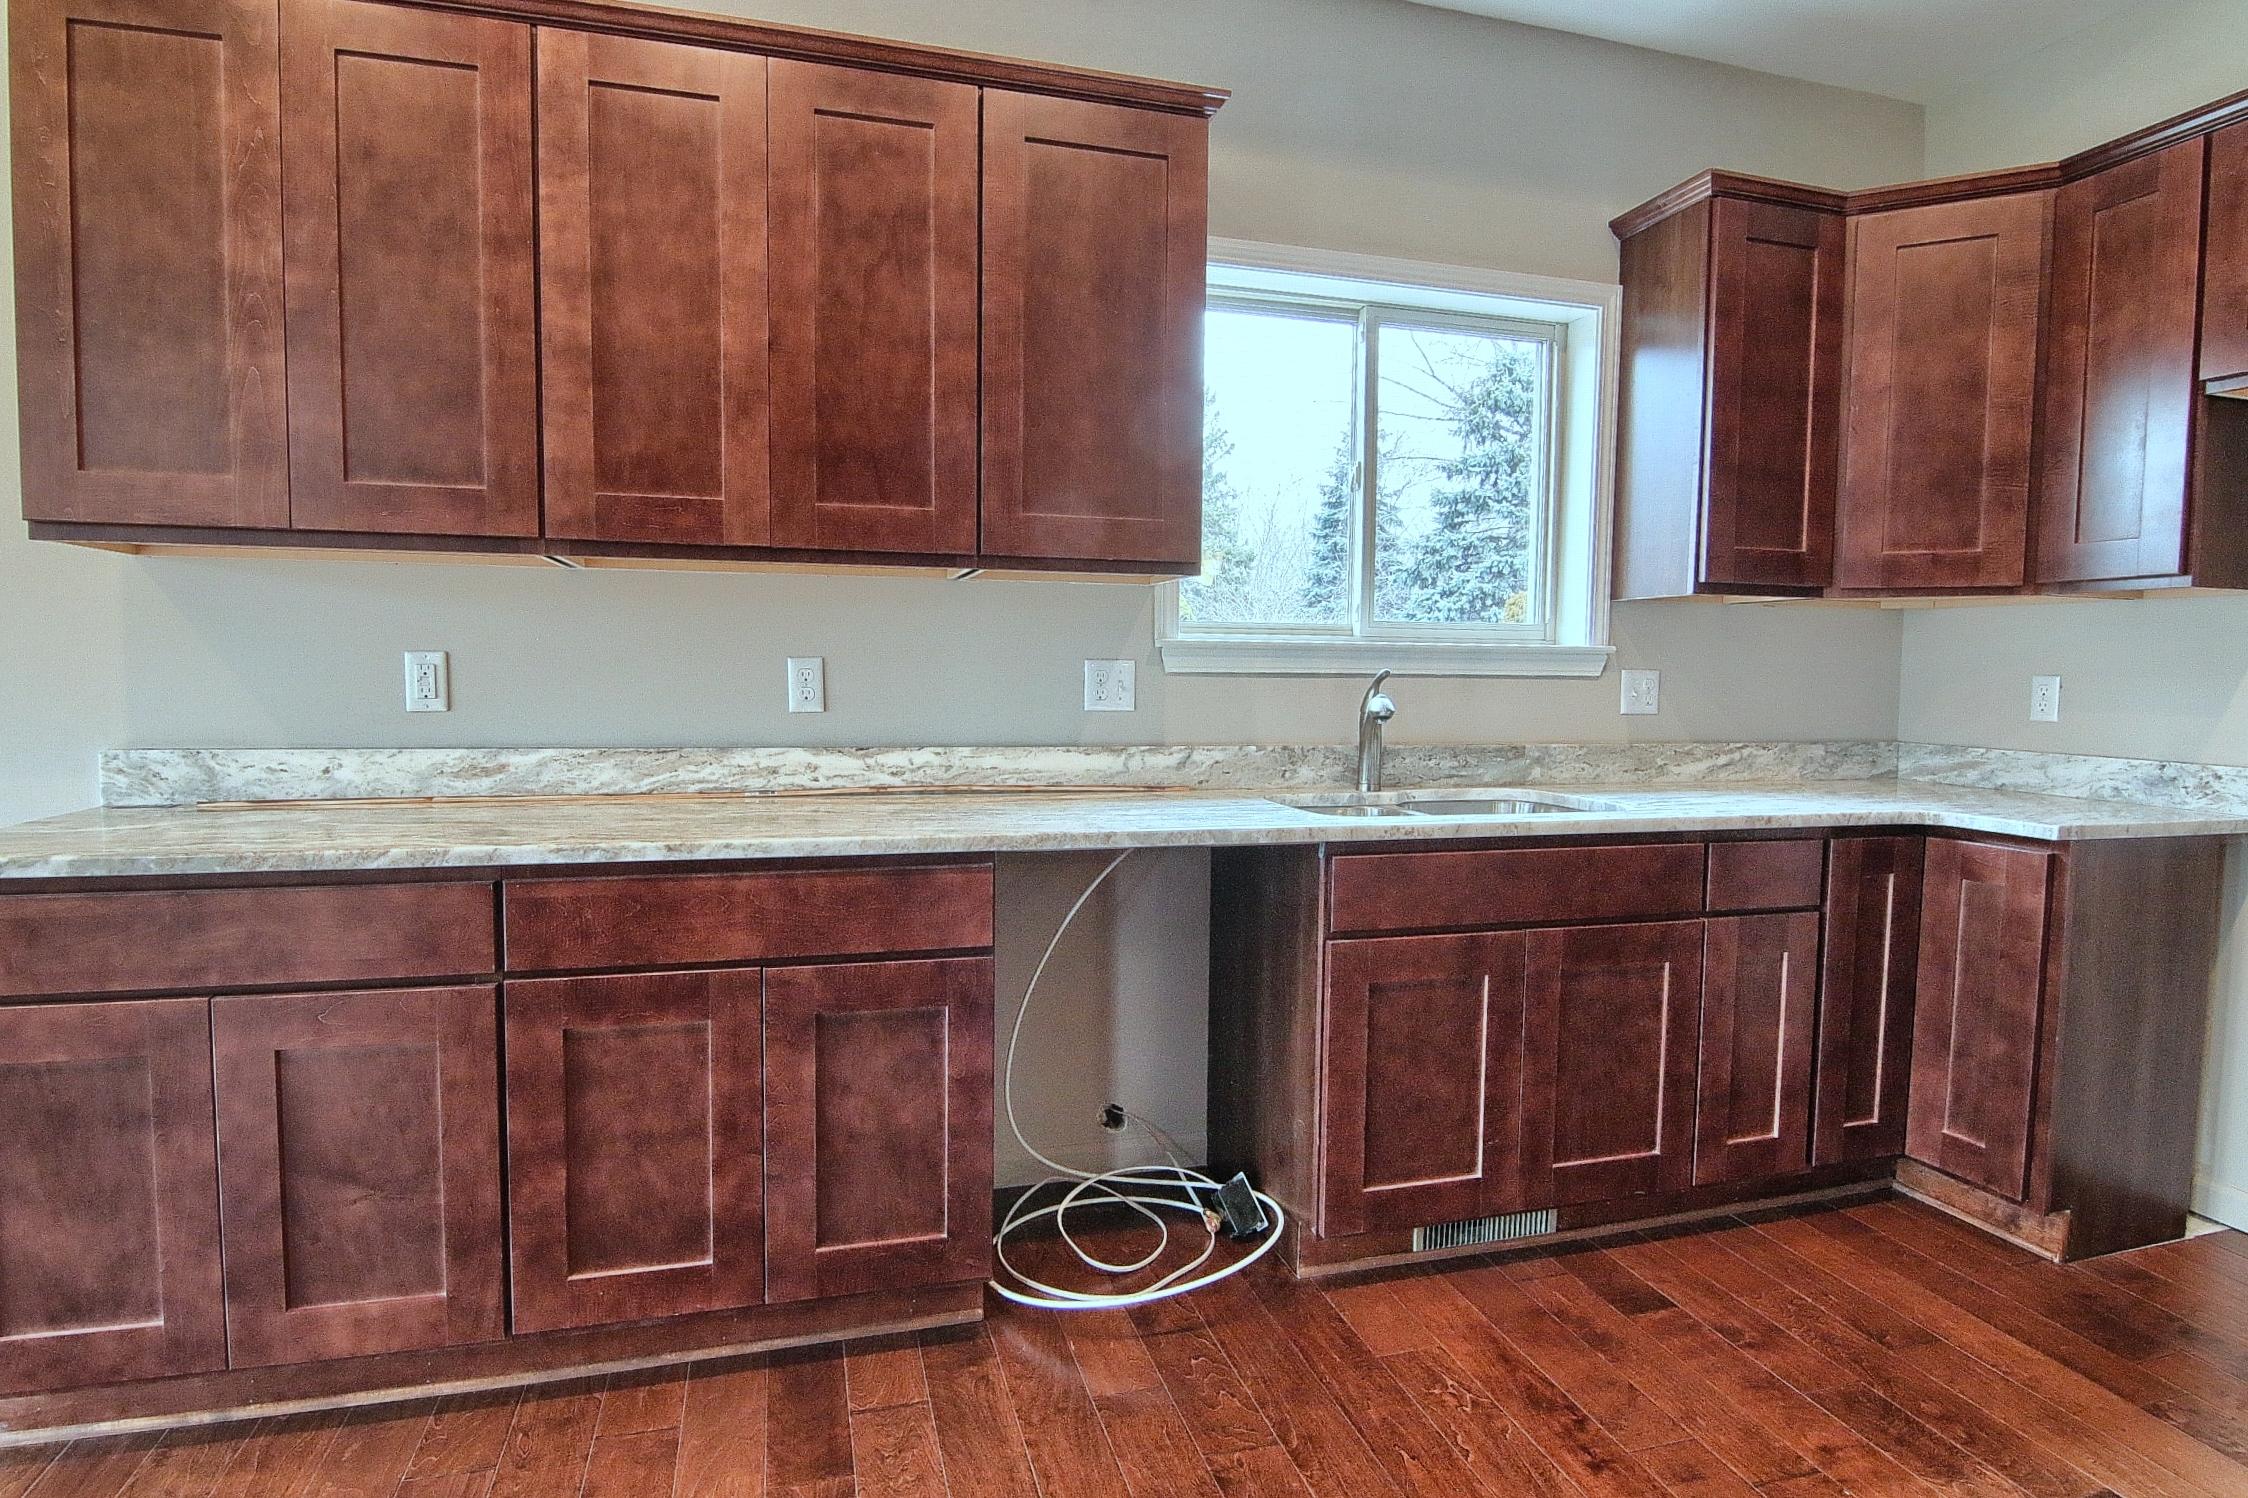 Kitchen_3rd_View.jpg